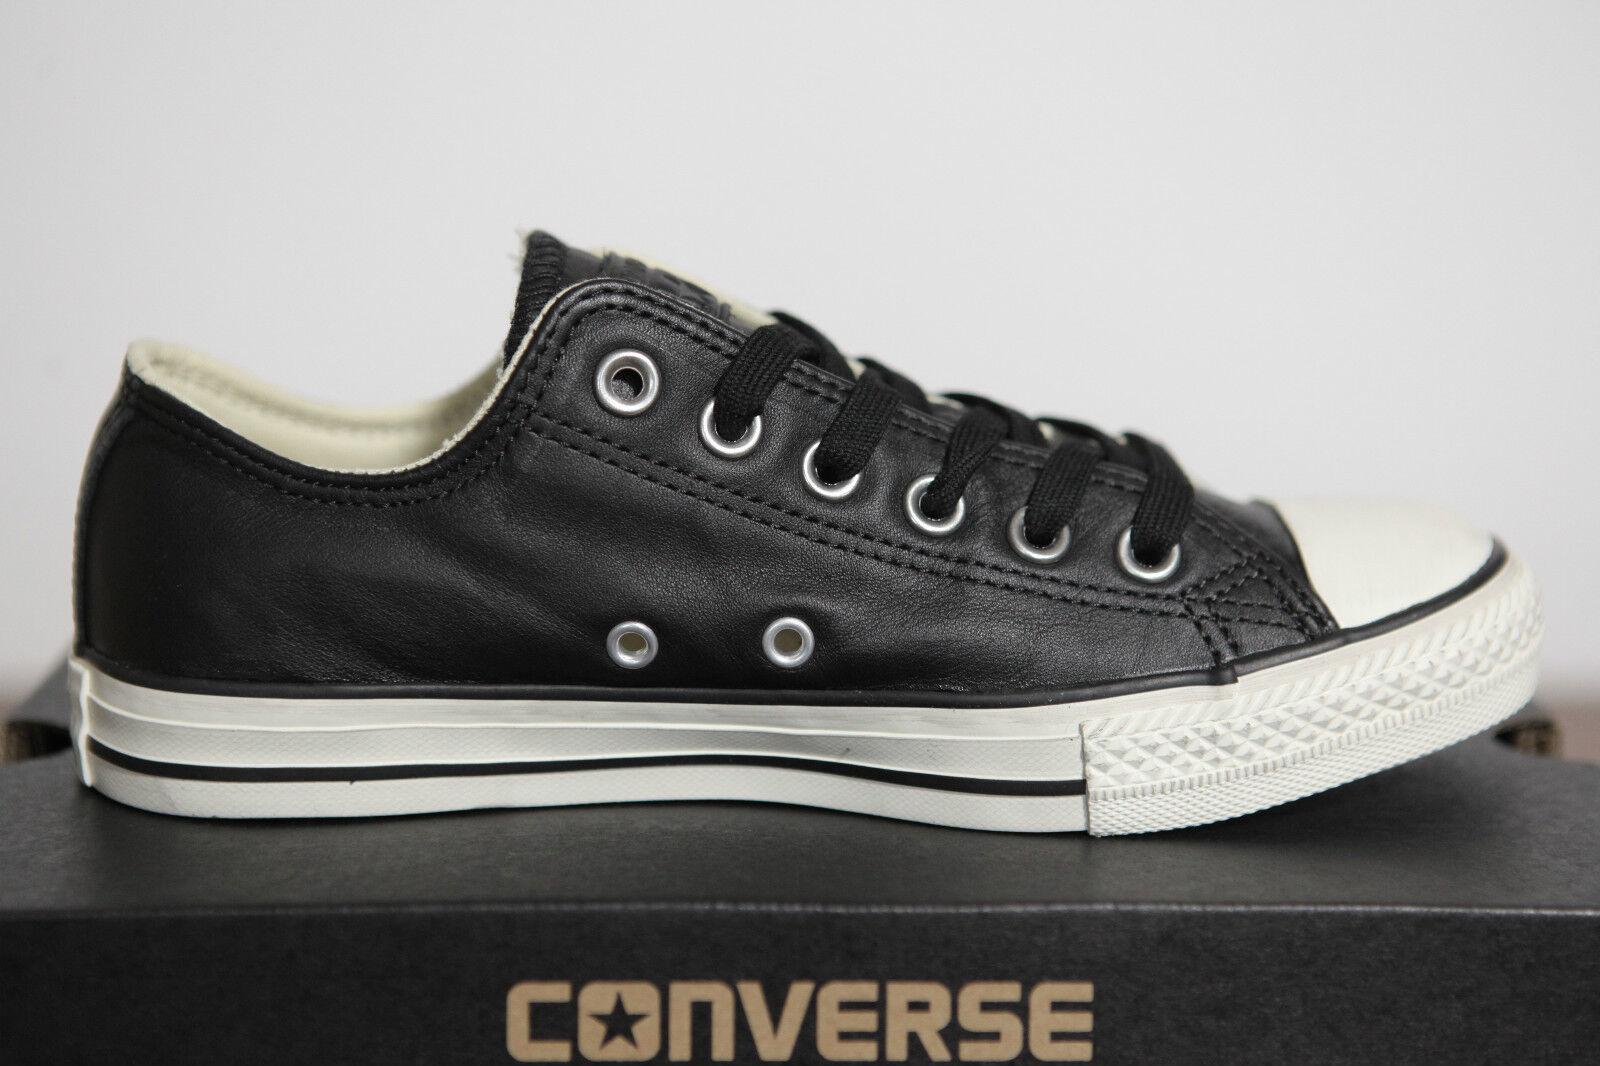 Nouveau All star Converse Converse Converse Chuck Low OX Lin Femmes hommes Basket  de nombreux modèles | Brillance De Couleur  | Outlet  518936